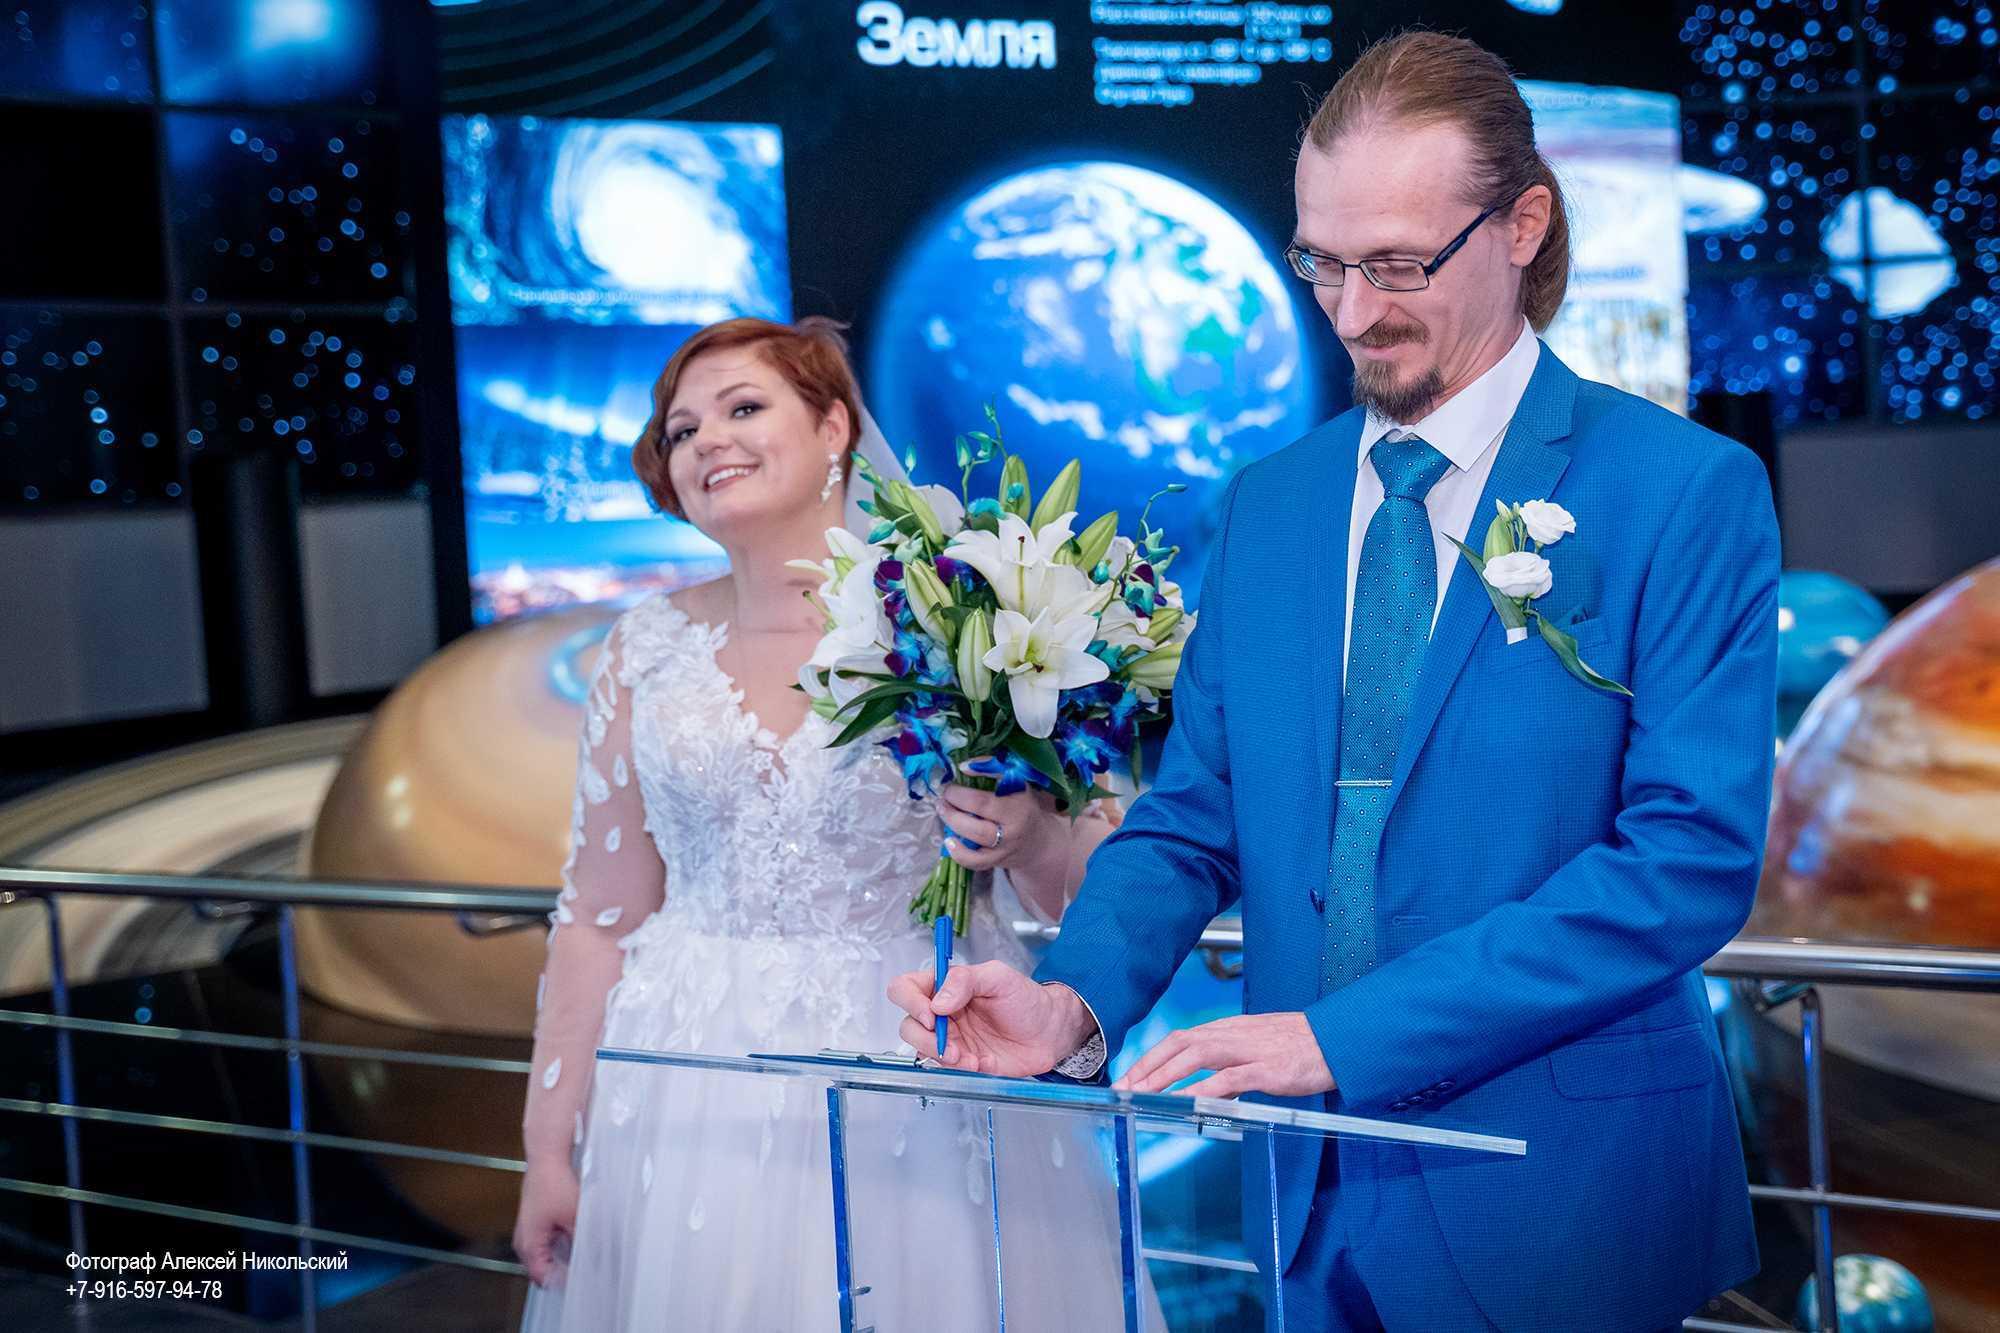 Регистрация брака в планетарии фото